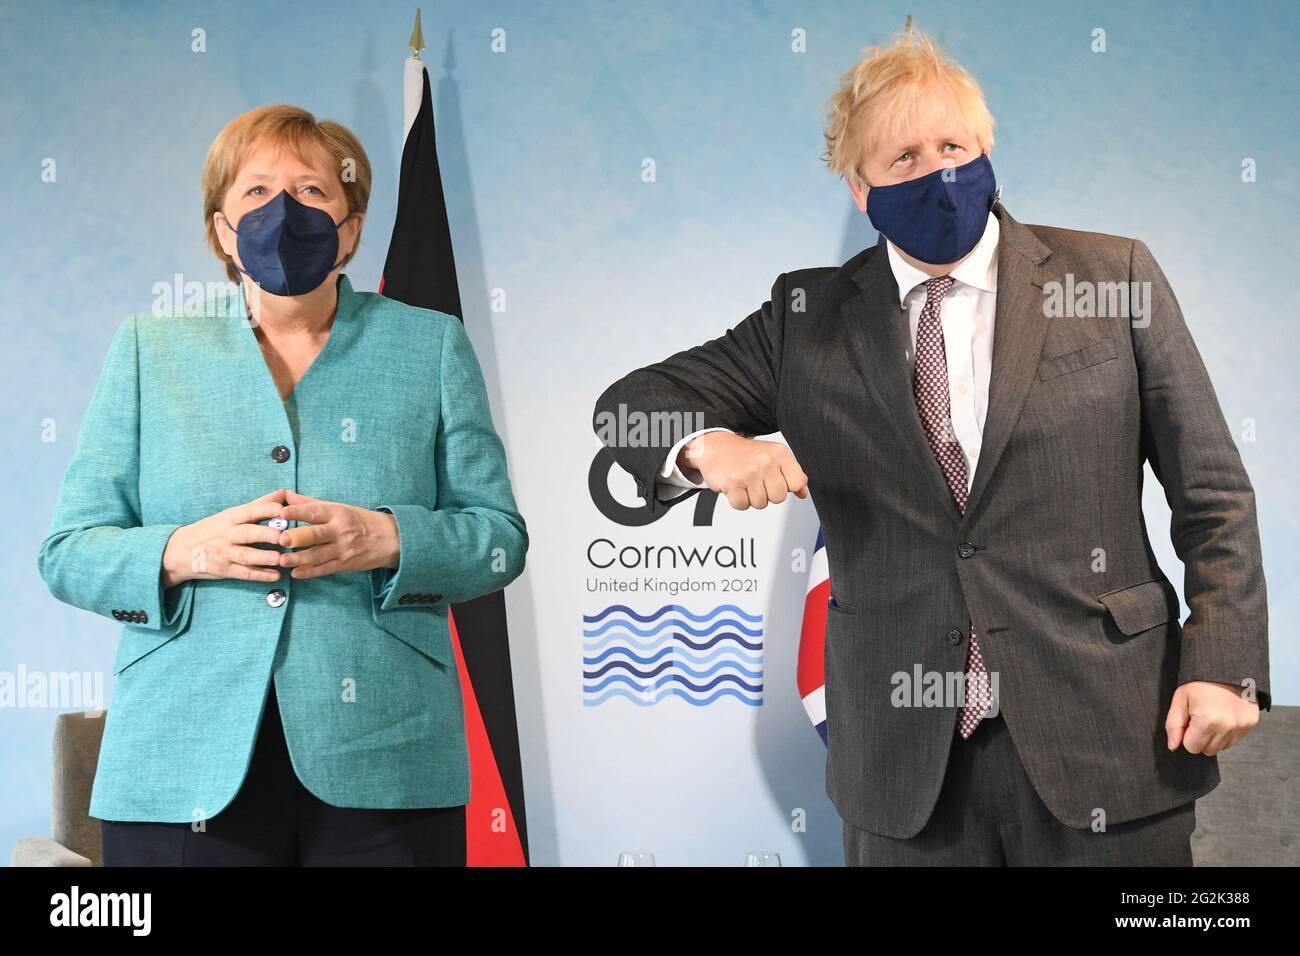 Il primo ministro Boris Johnson (a destra) saluta la cancelliera tedesca Angela Merkel, in vista di un incontro bilaterale durante il vertice del G7 in Cornovaglia. Data immagine: Sabato 12 giugno 2021. Foto Stock